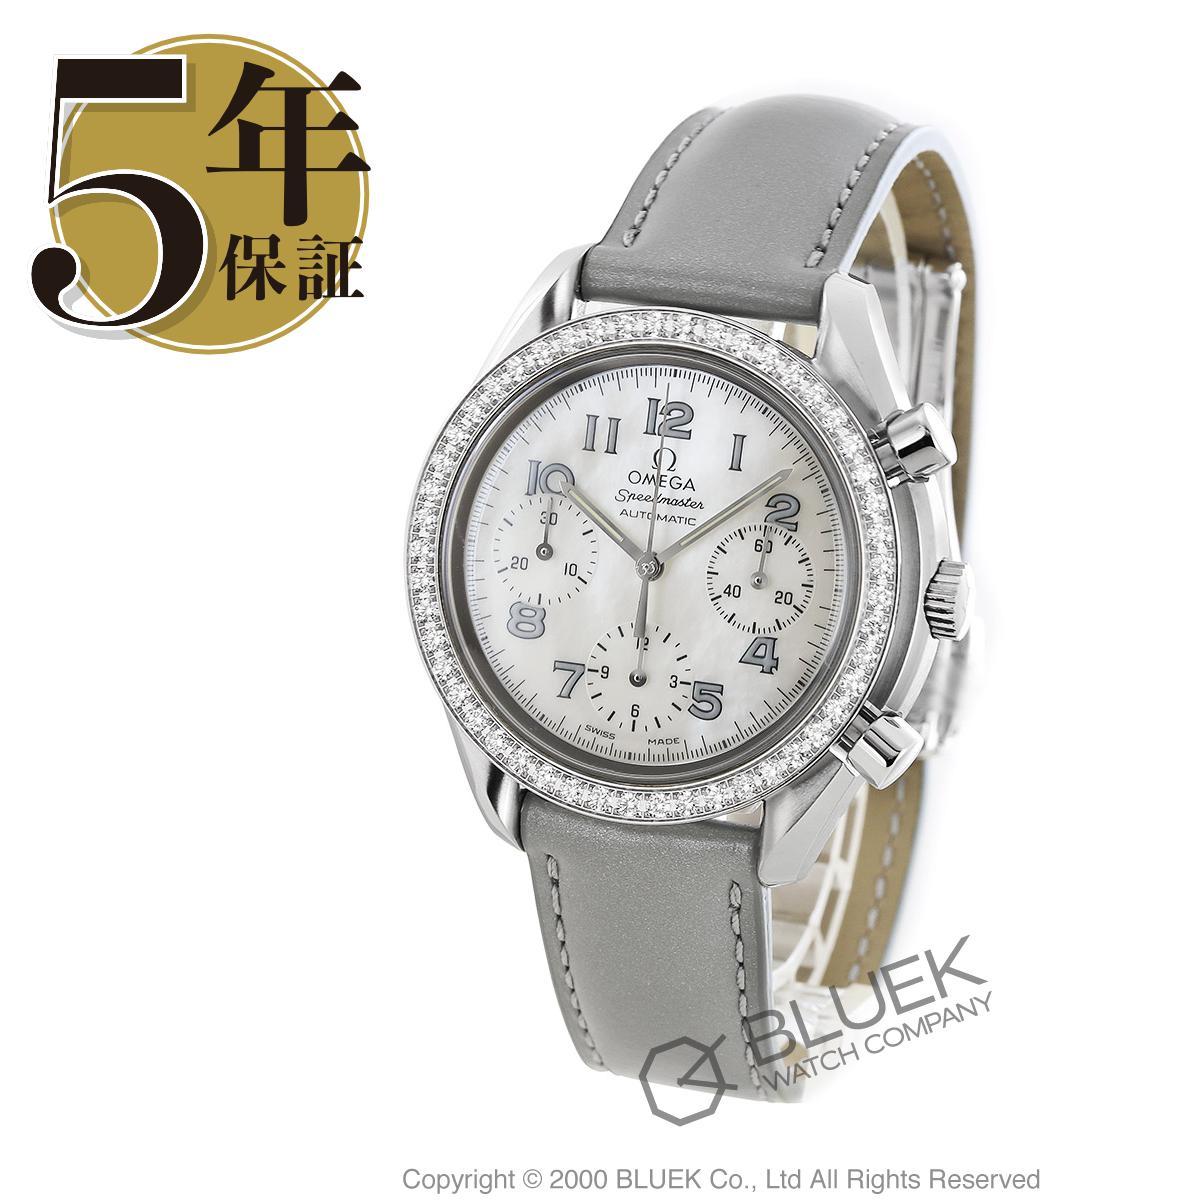 オメガ スピードマスター クロノグラフ ダイヤ 腕時計 レディース OMEGA 3815.7255_5